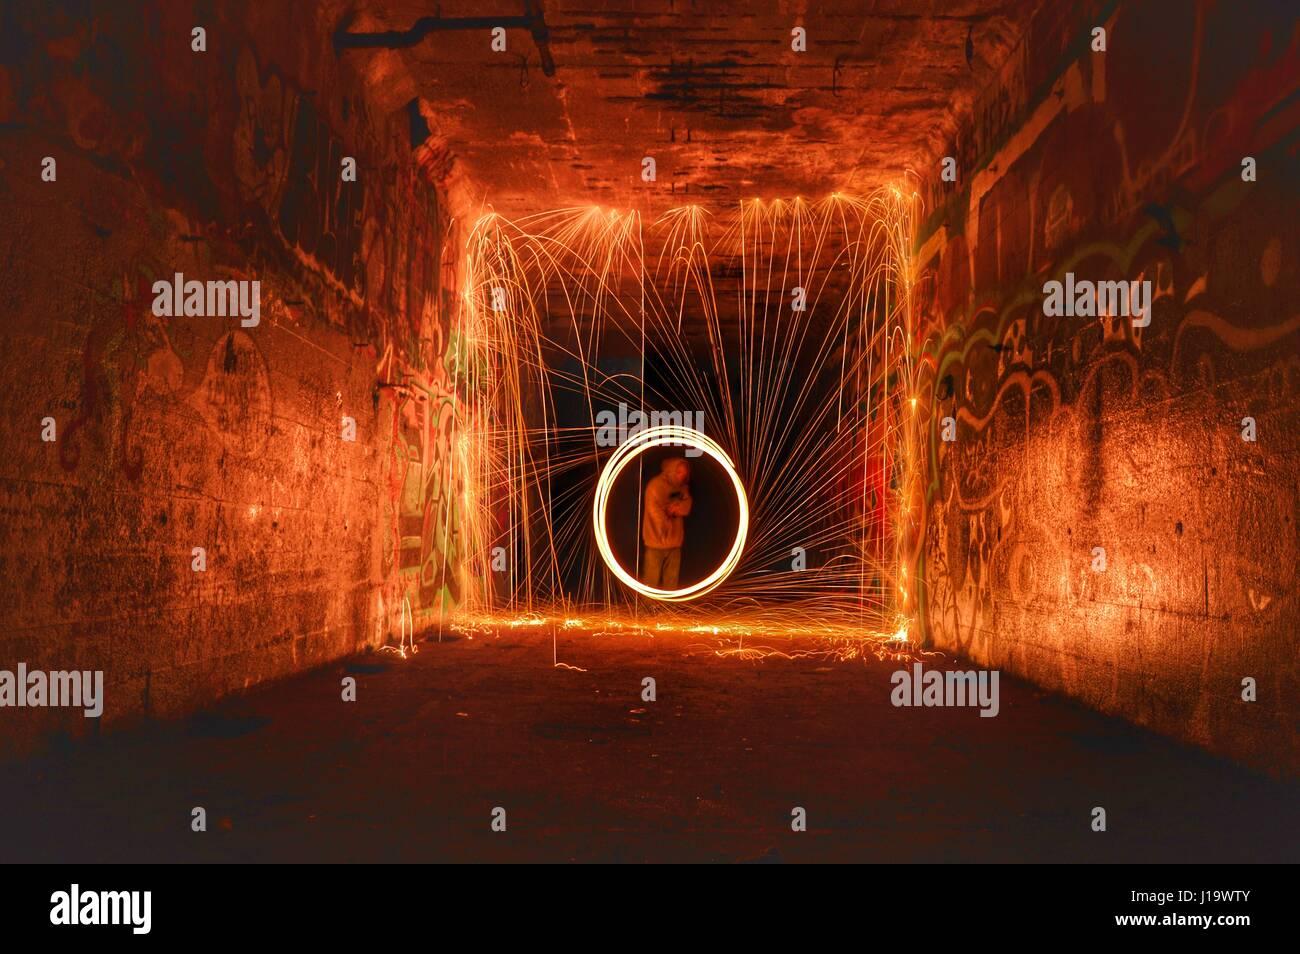 Ein weiterer Langzeitbelichtung der Stahlwolle Spinnerei. Stockfoto